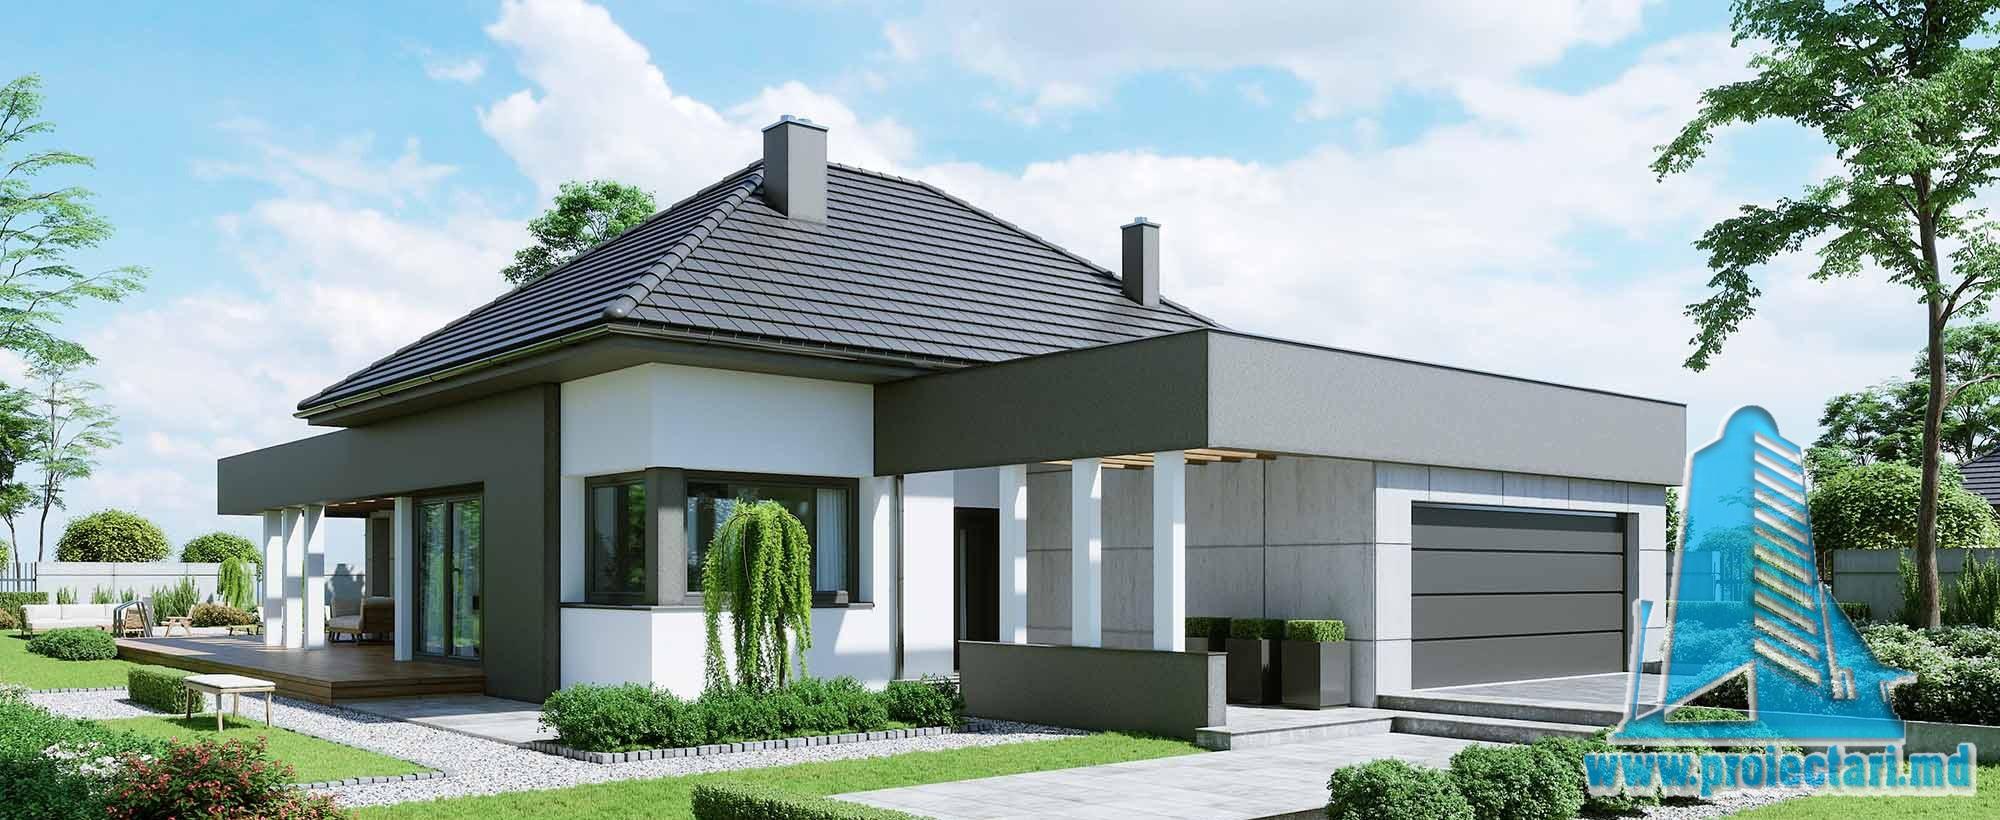 Casa cu parter si garaj pentru doua automobile-199 m2-101026